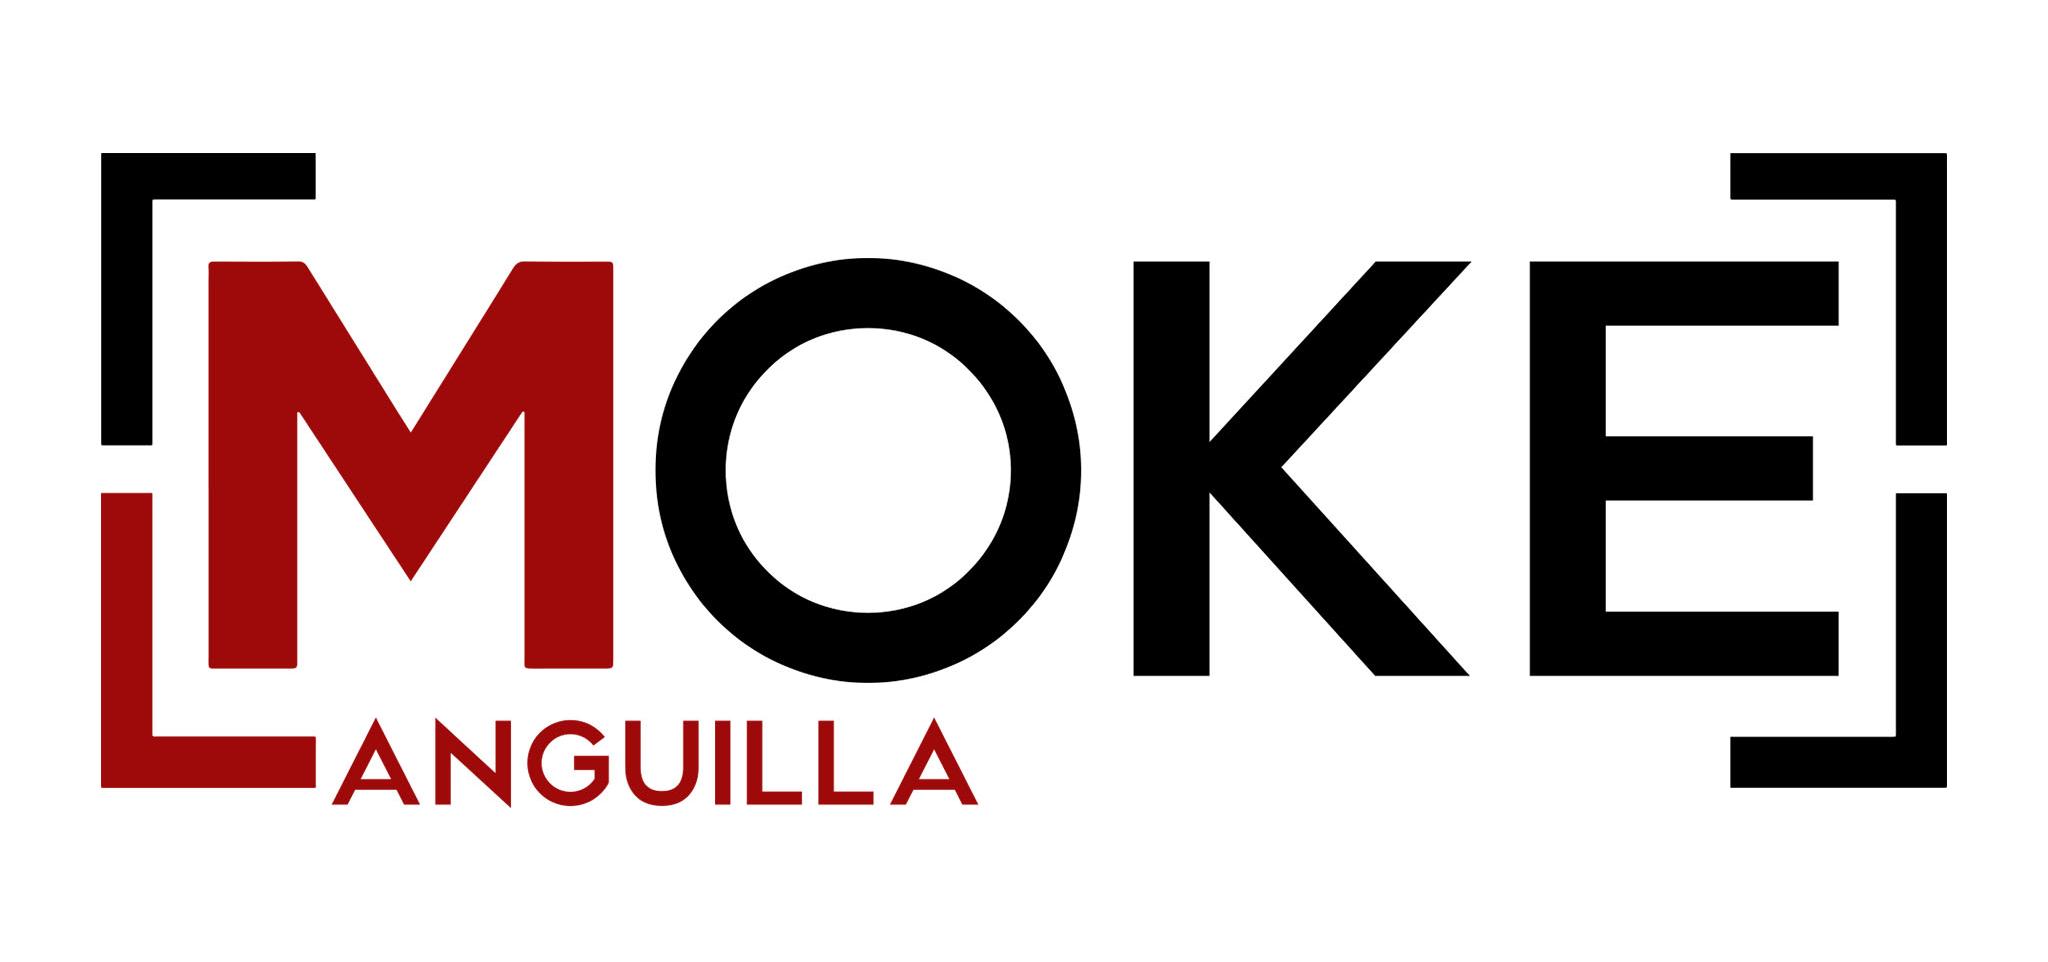 Moke Anguilla